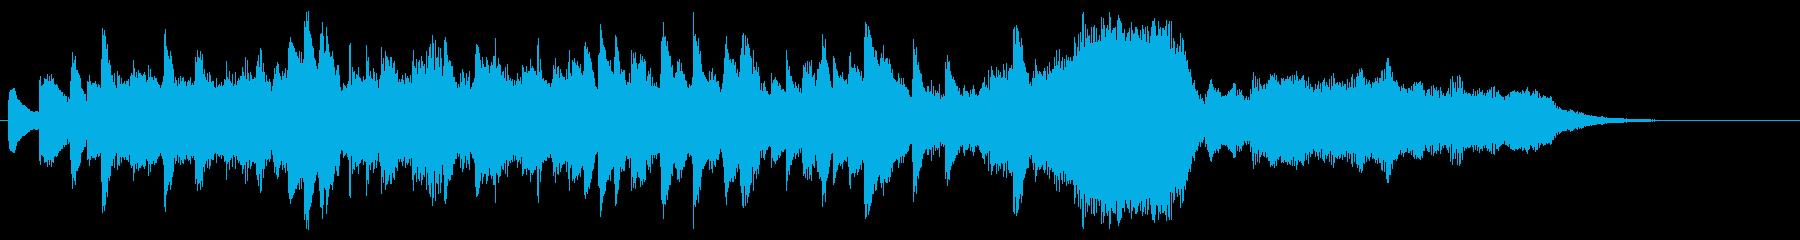 郷愁の場面に優しく前向きなオーケストラ5の再生済みの波形